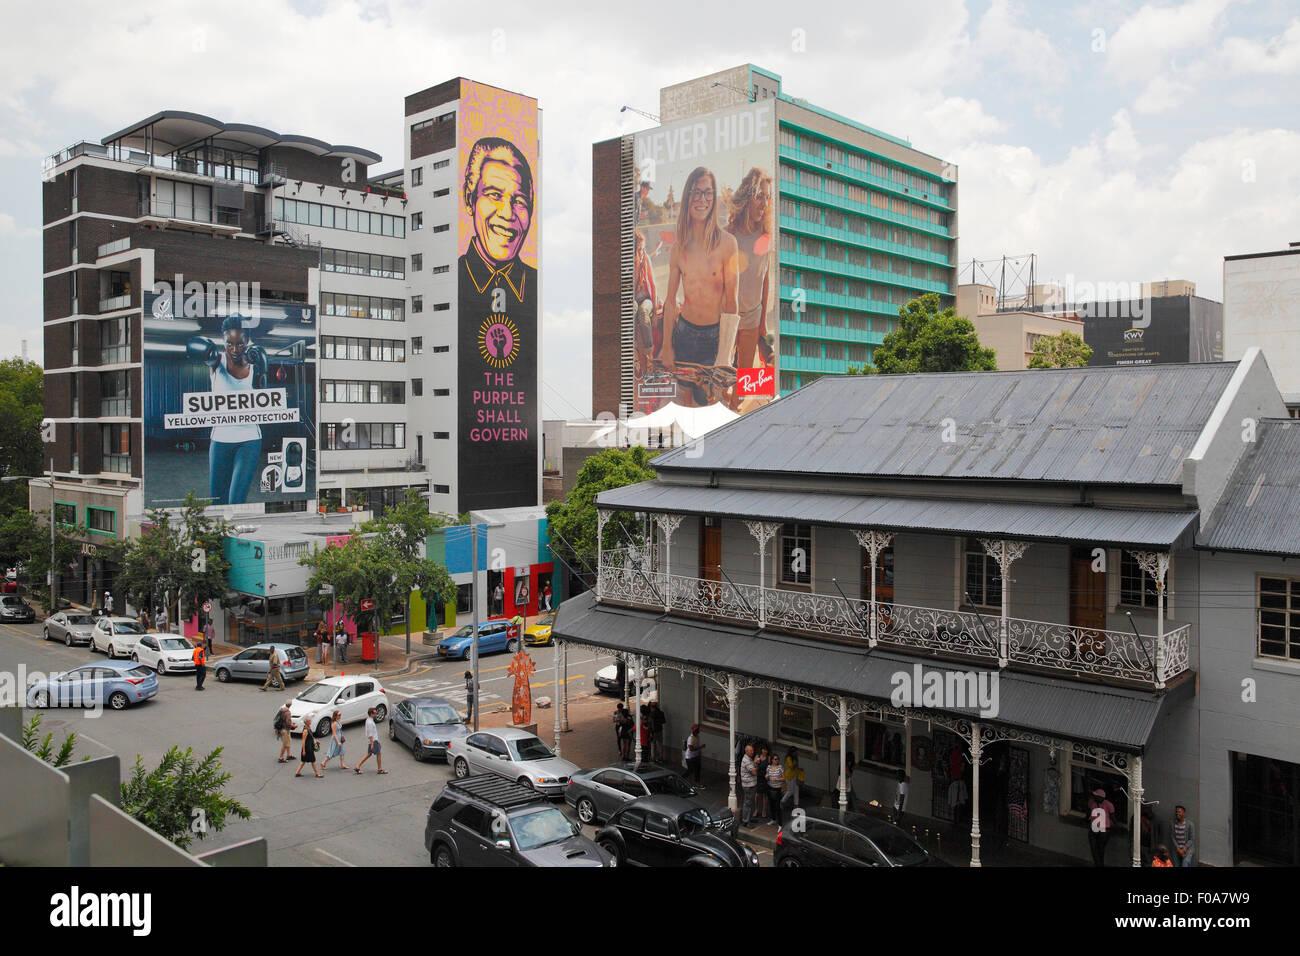 L'Afrique du Sud, Johannesburg. Mandela annonce l'ère coloniale et l'architecture. Photo Stock